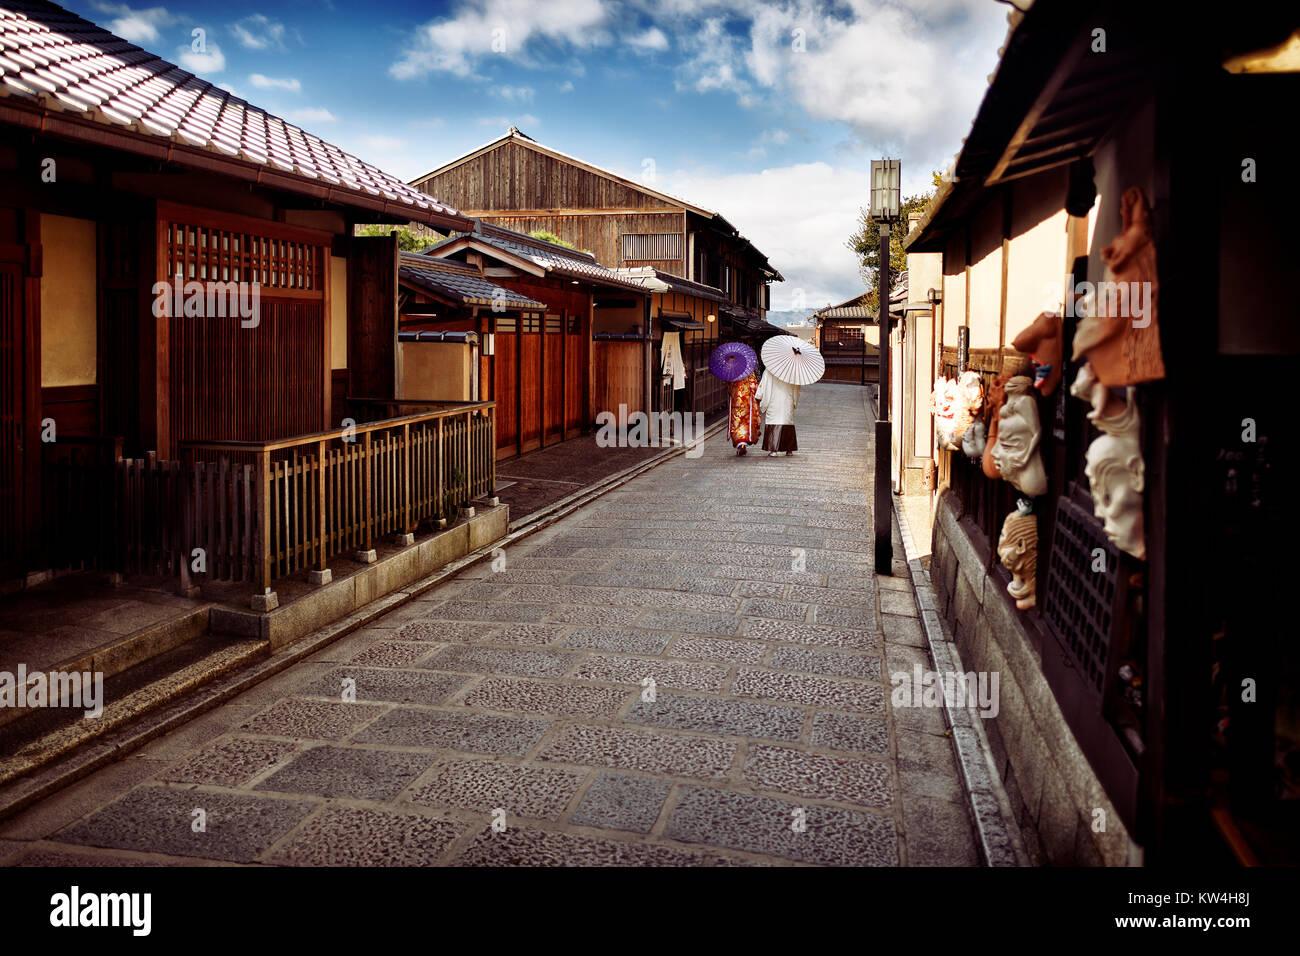 Pareja con sombrillas japonesas vistiendo kimono tradicional caminando por una calle antigua, Yasaka dori, cerca Imagen De Stock